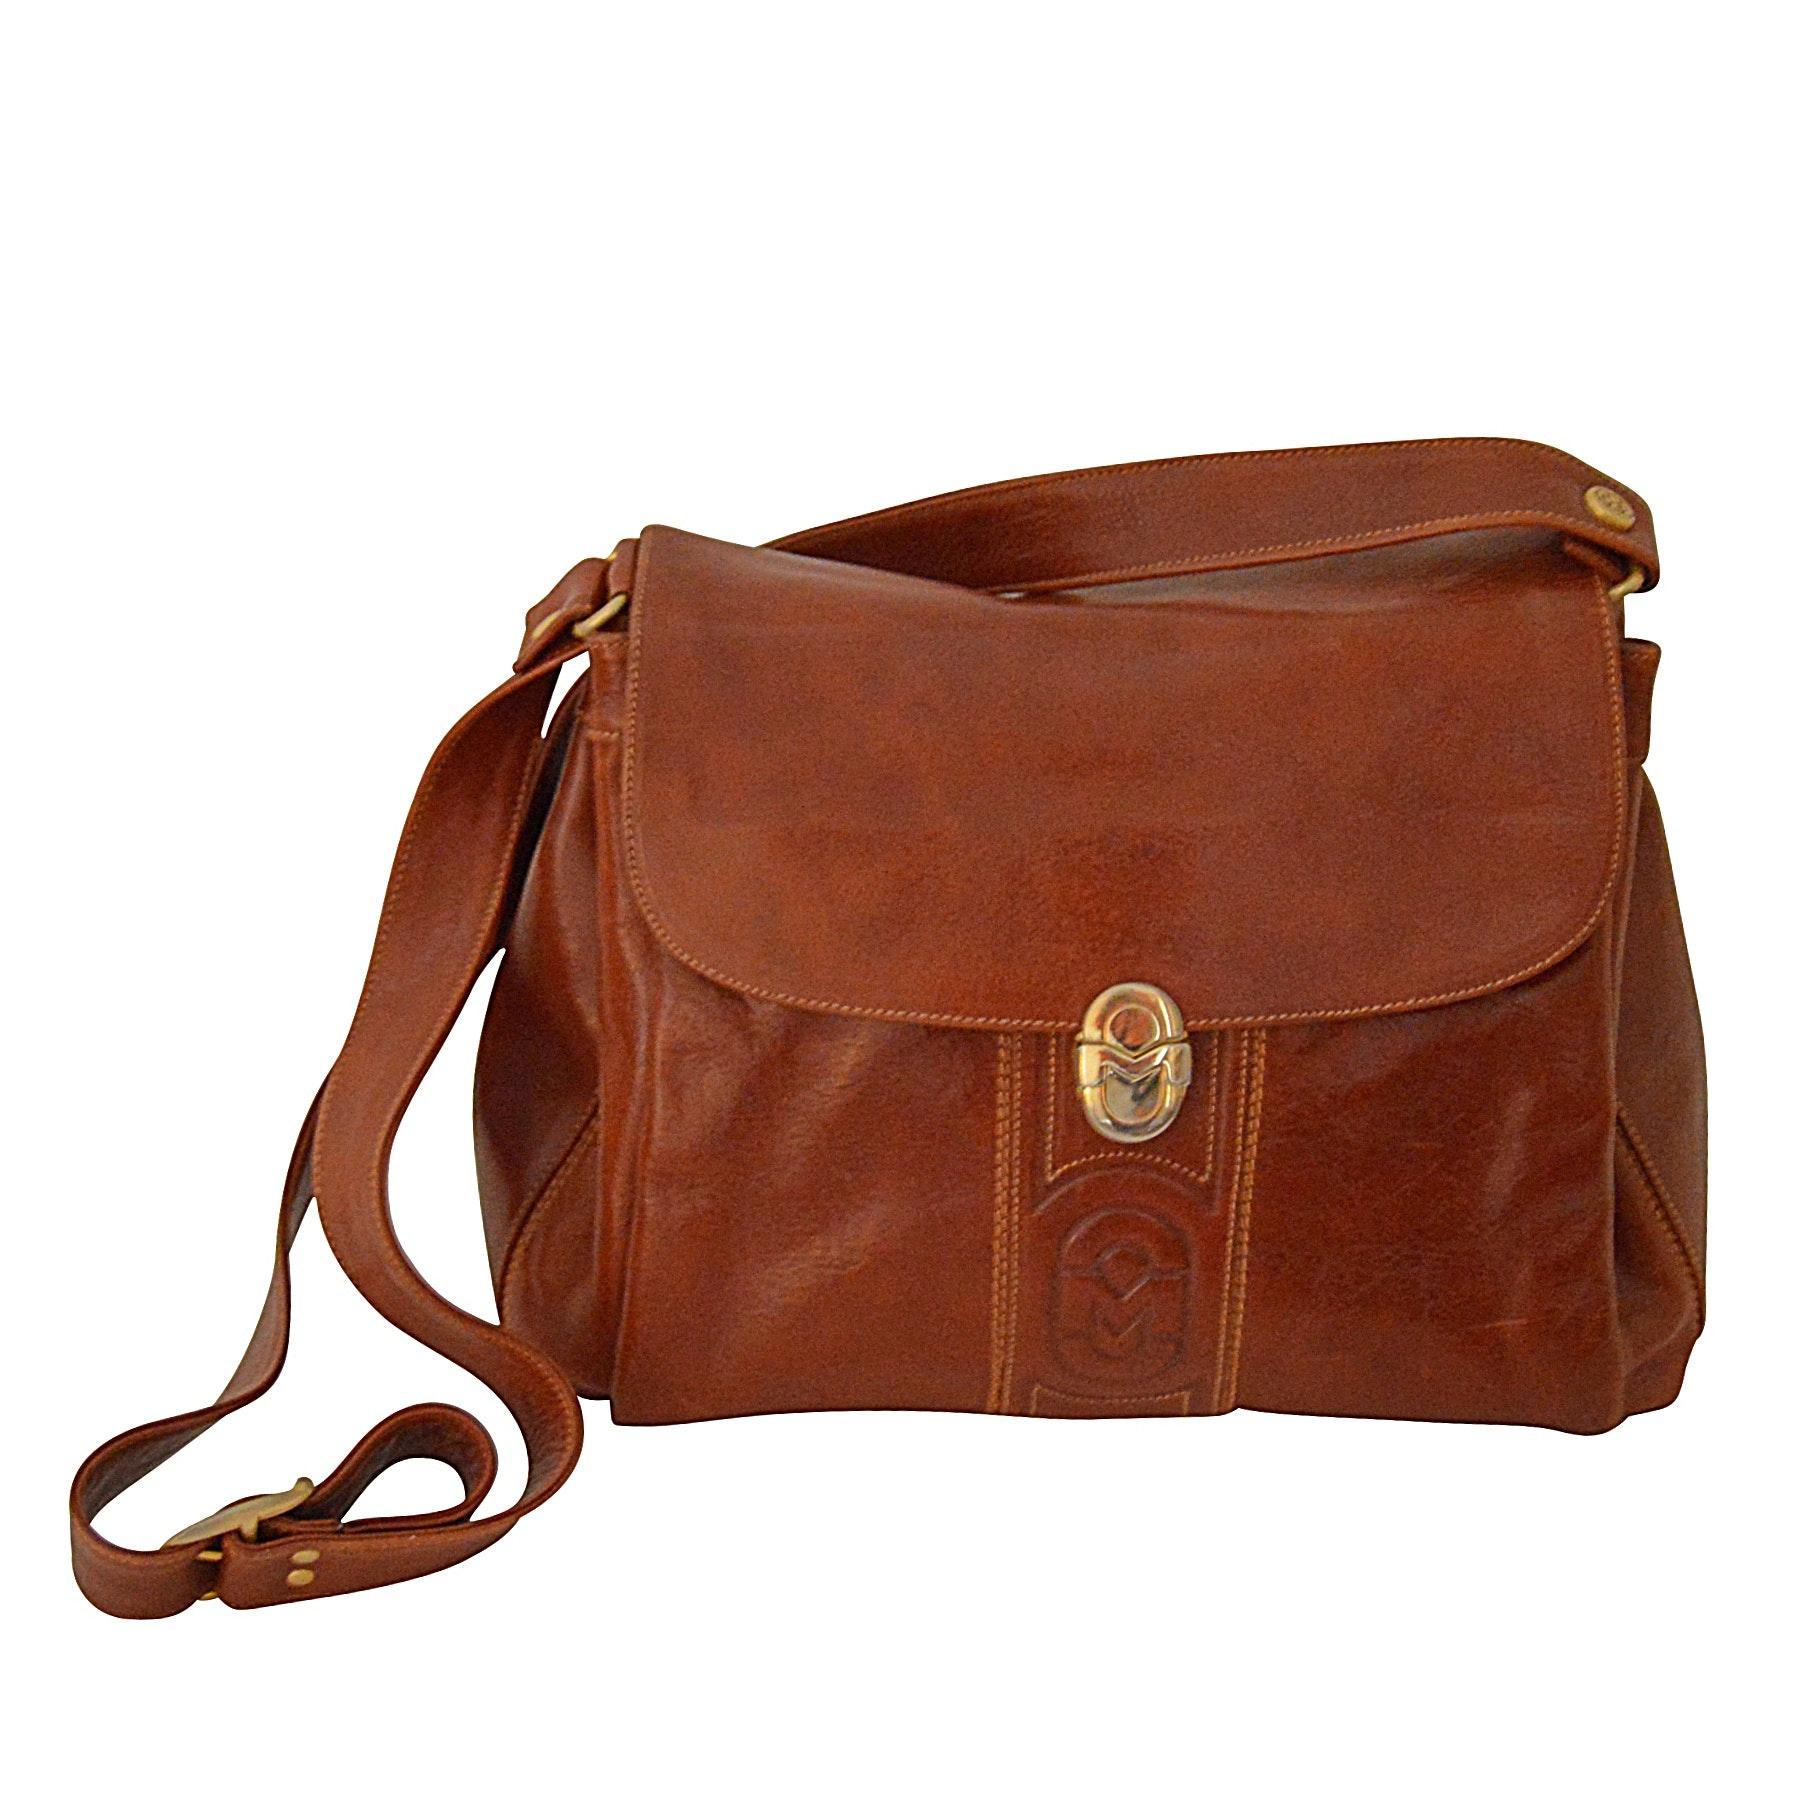 Marino Orlandi Leather Shoulder Bag